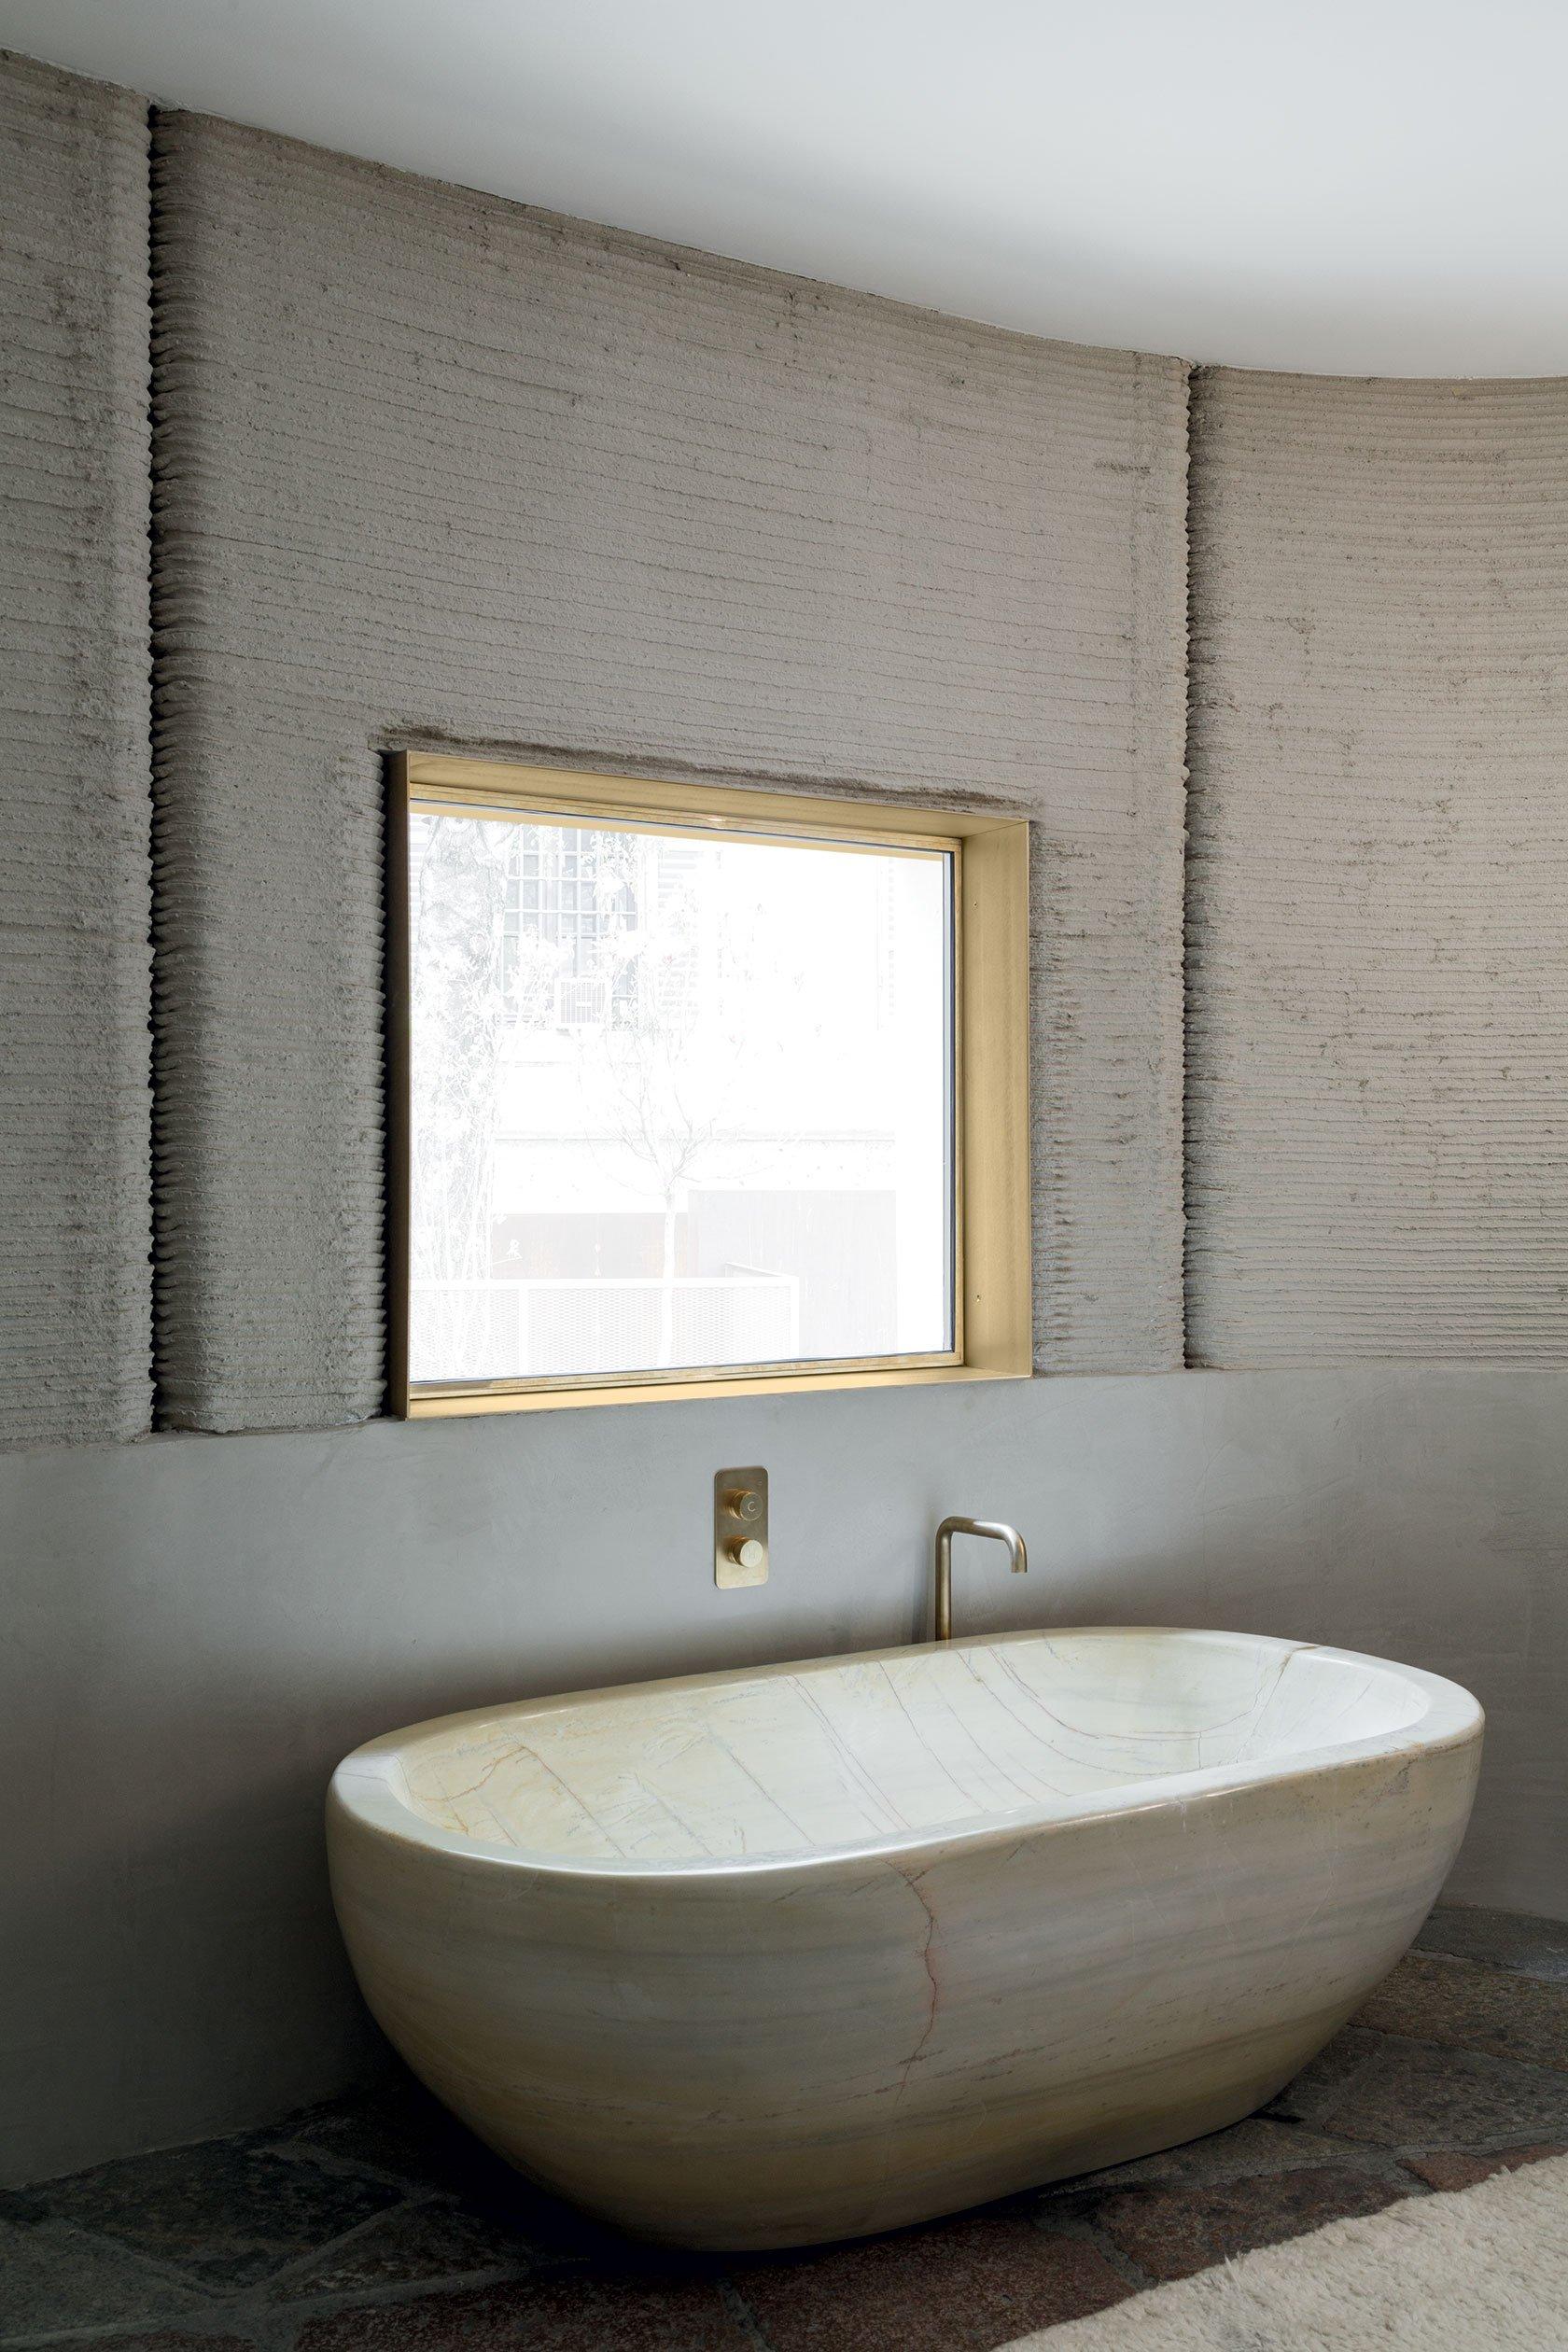 3-D Housing 05